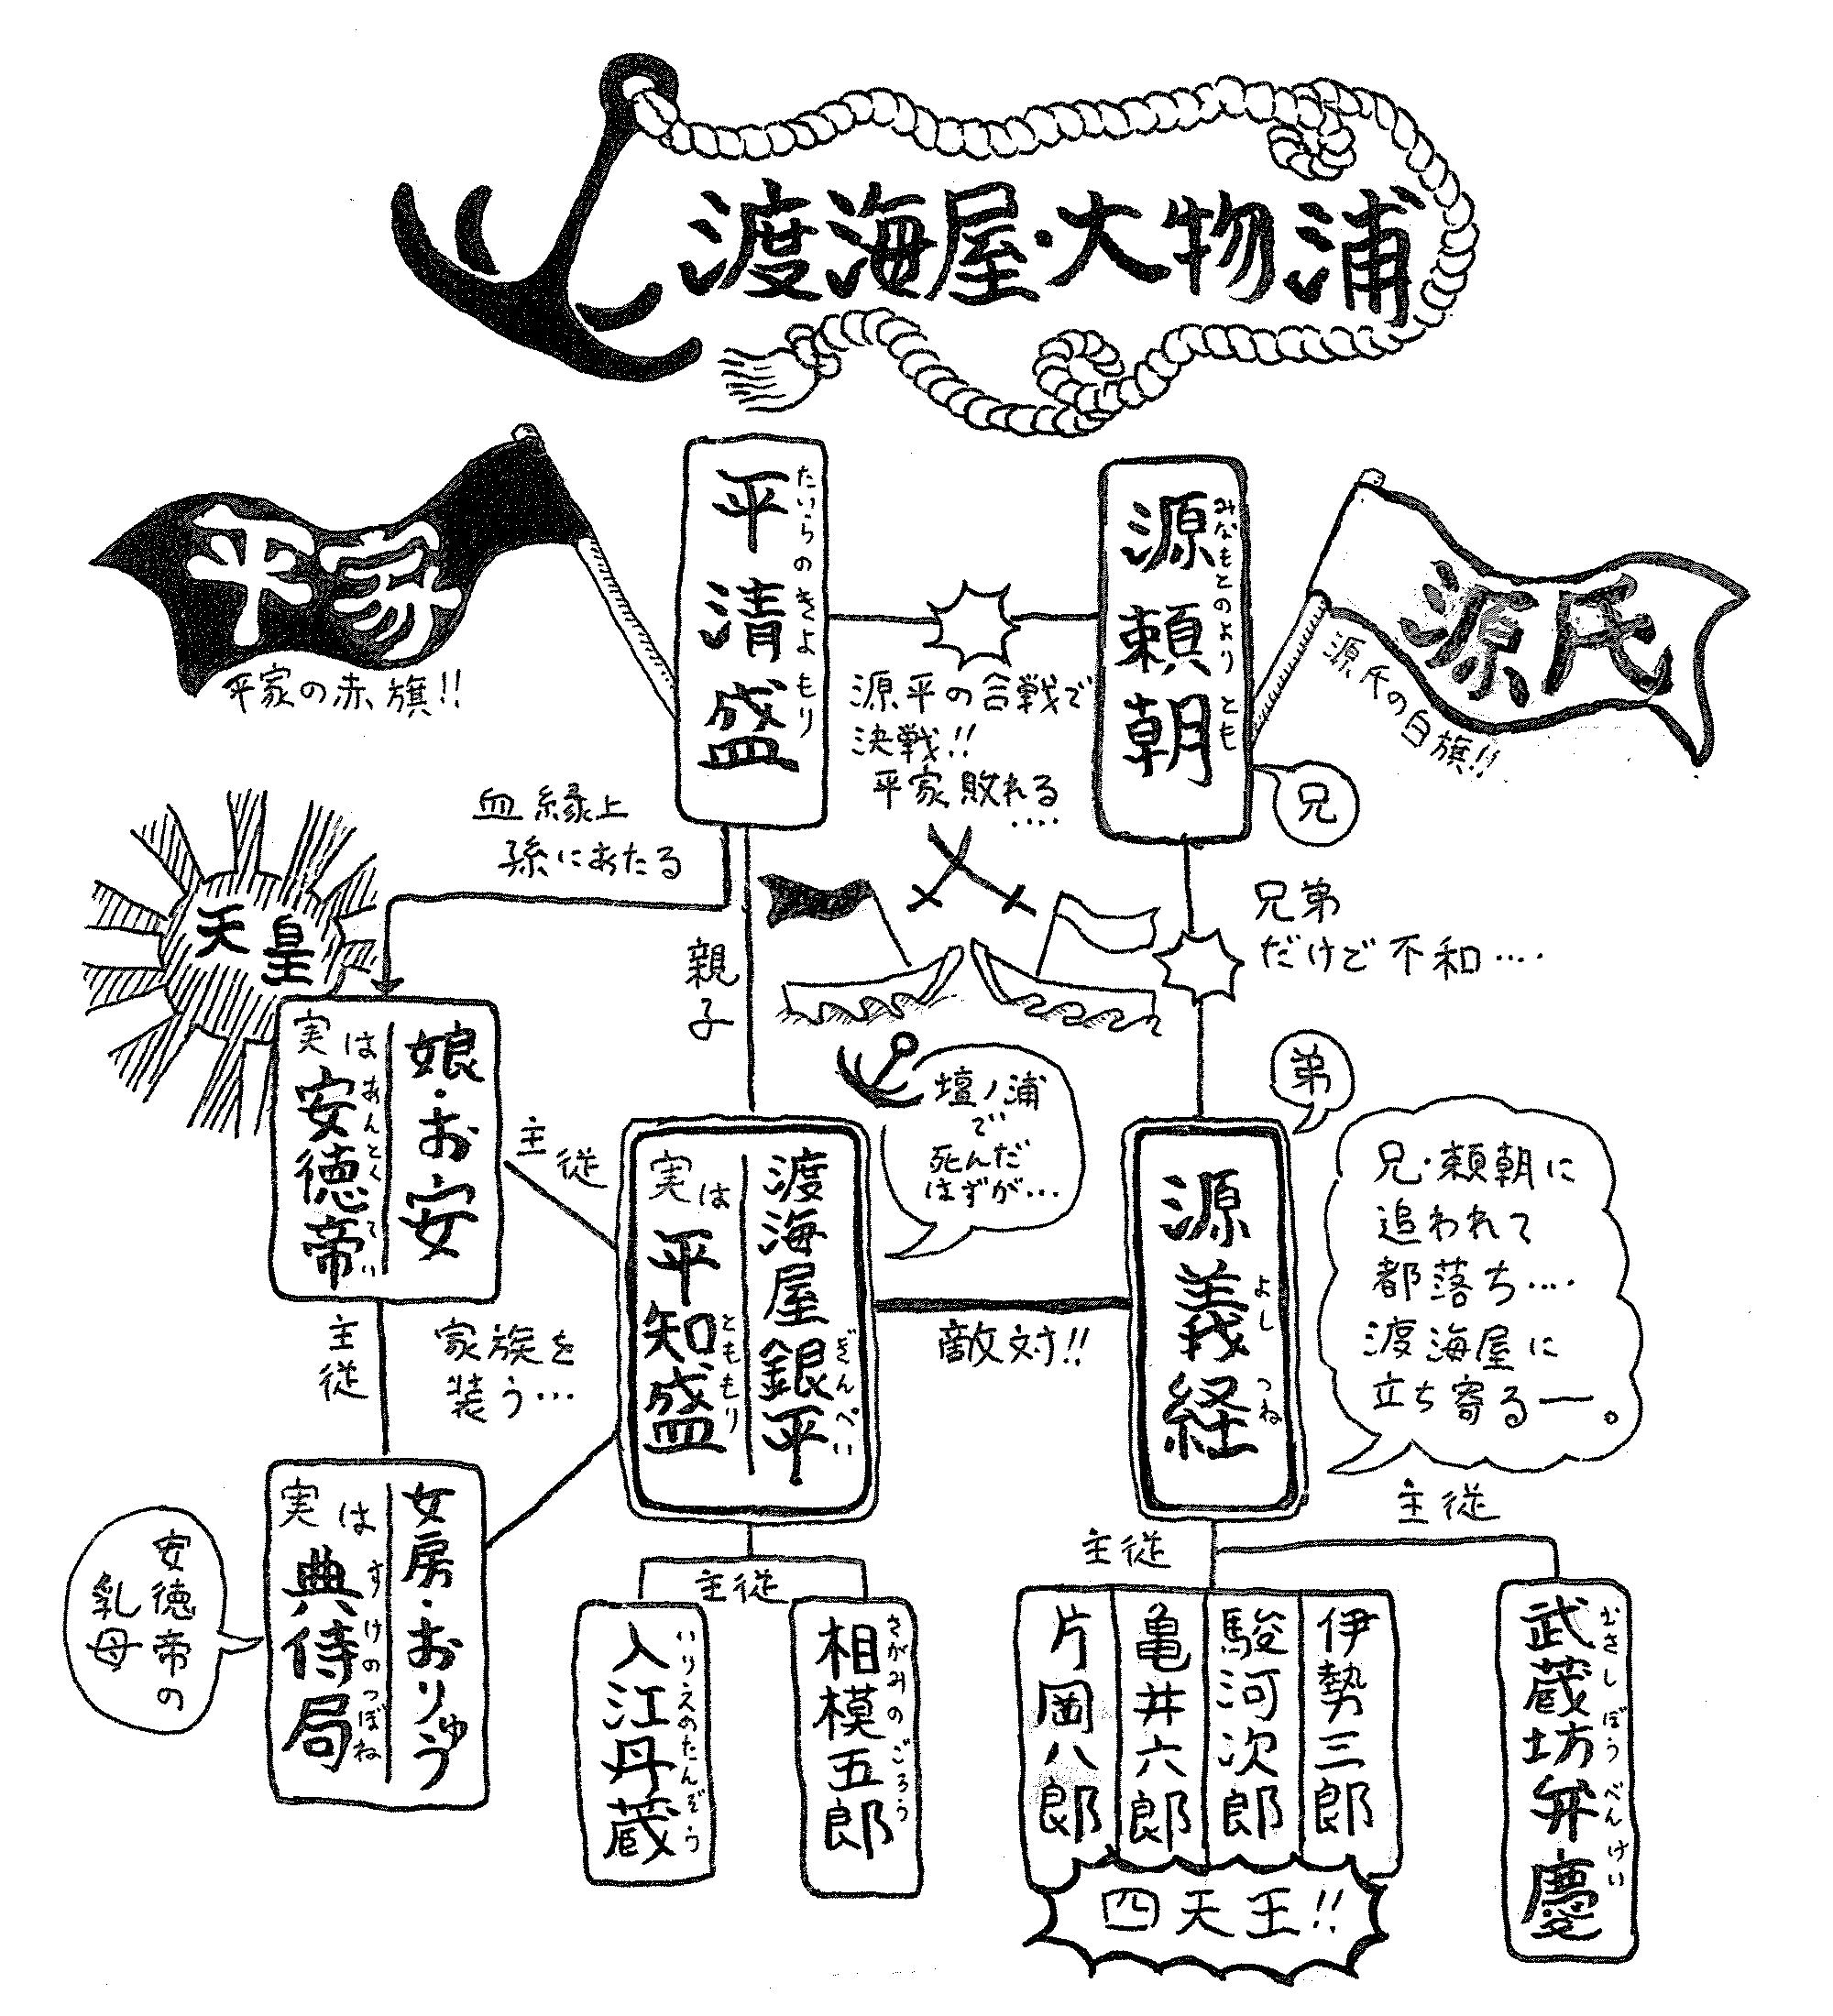 義経千本桜―渡海屋・大物浦―人物相関図